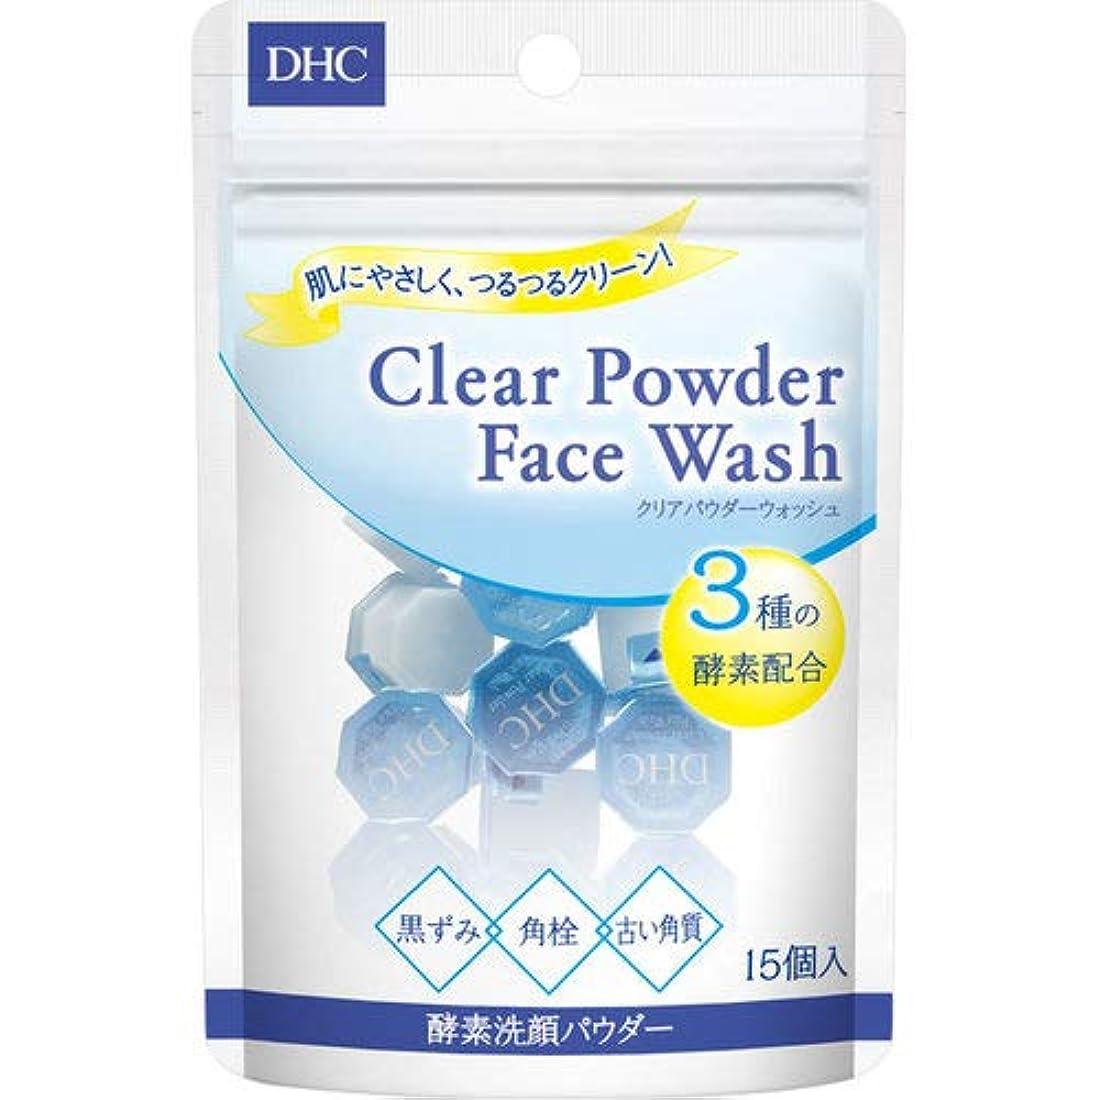 生息地文明カップルDHC クリアパウダーウォッシュ 0.4g×15個入 酵素洗顔パウダー